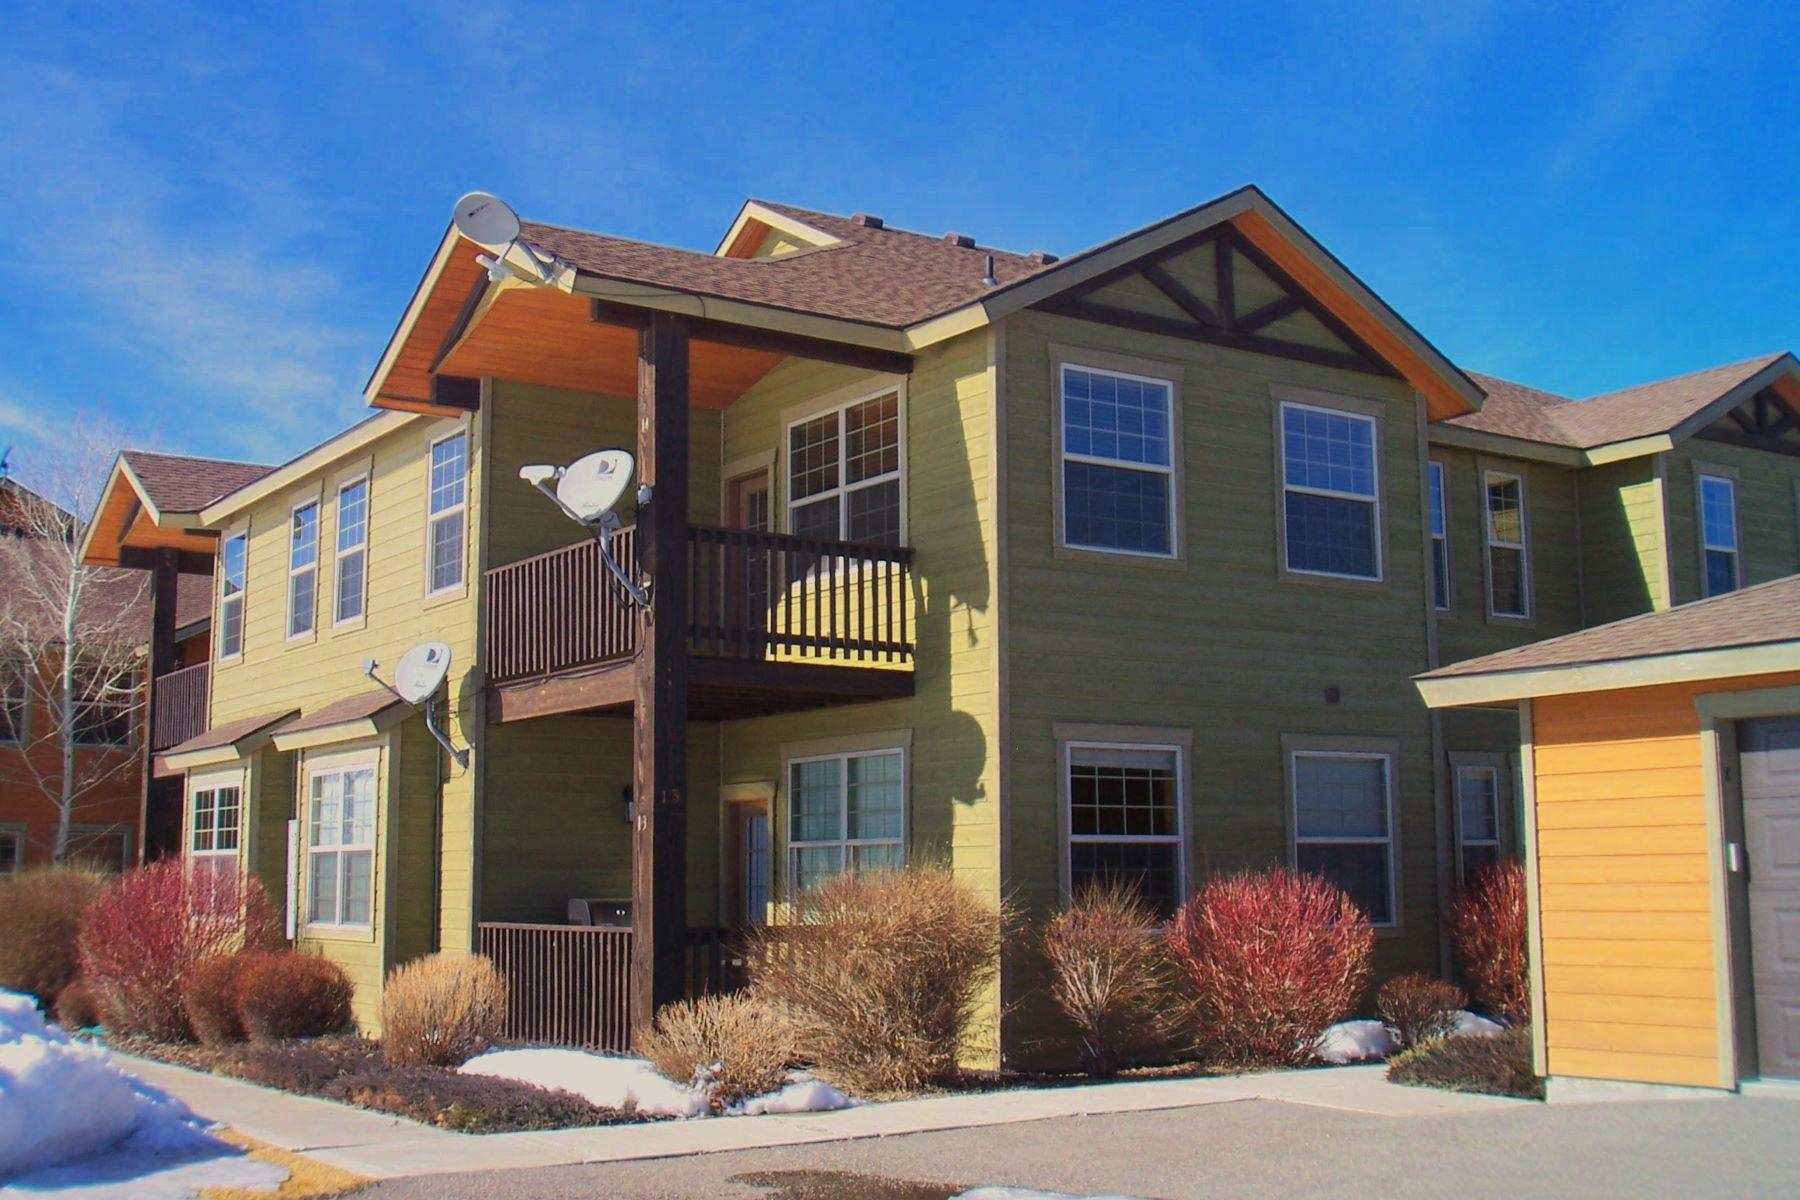 コンドミニアム のために 売買 アット Three bedroom condo - Teton views 633 BUFFALO JUNCTION LOOP UNIT 14 & GARAGE G Driggs, アイダホ, 83422 Jackson Hole, アメリカ合衆国